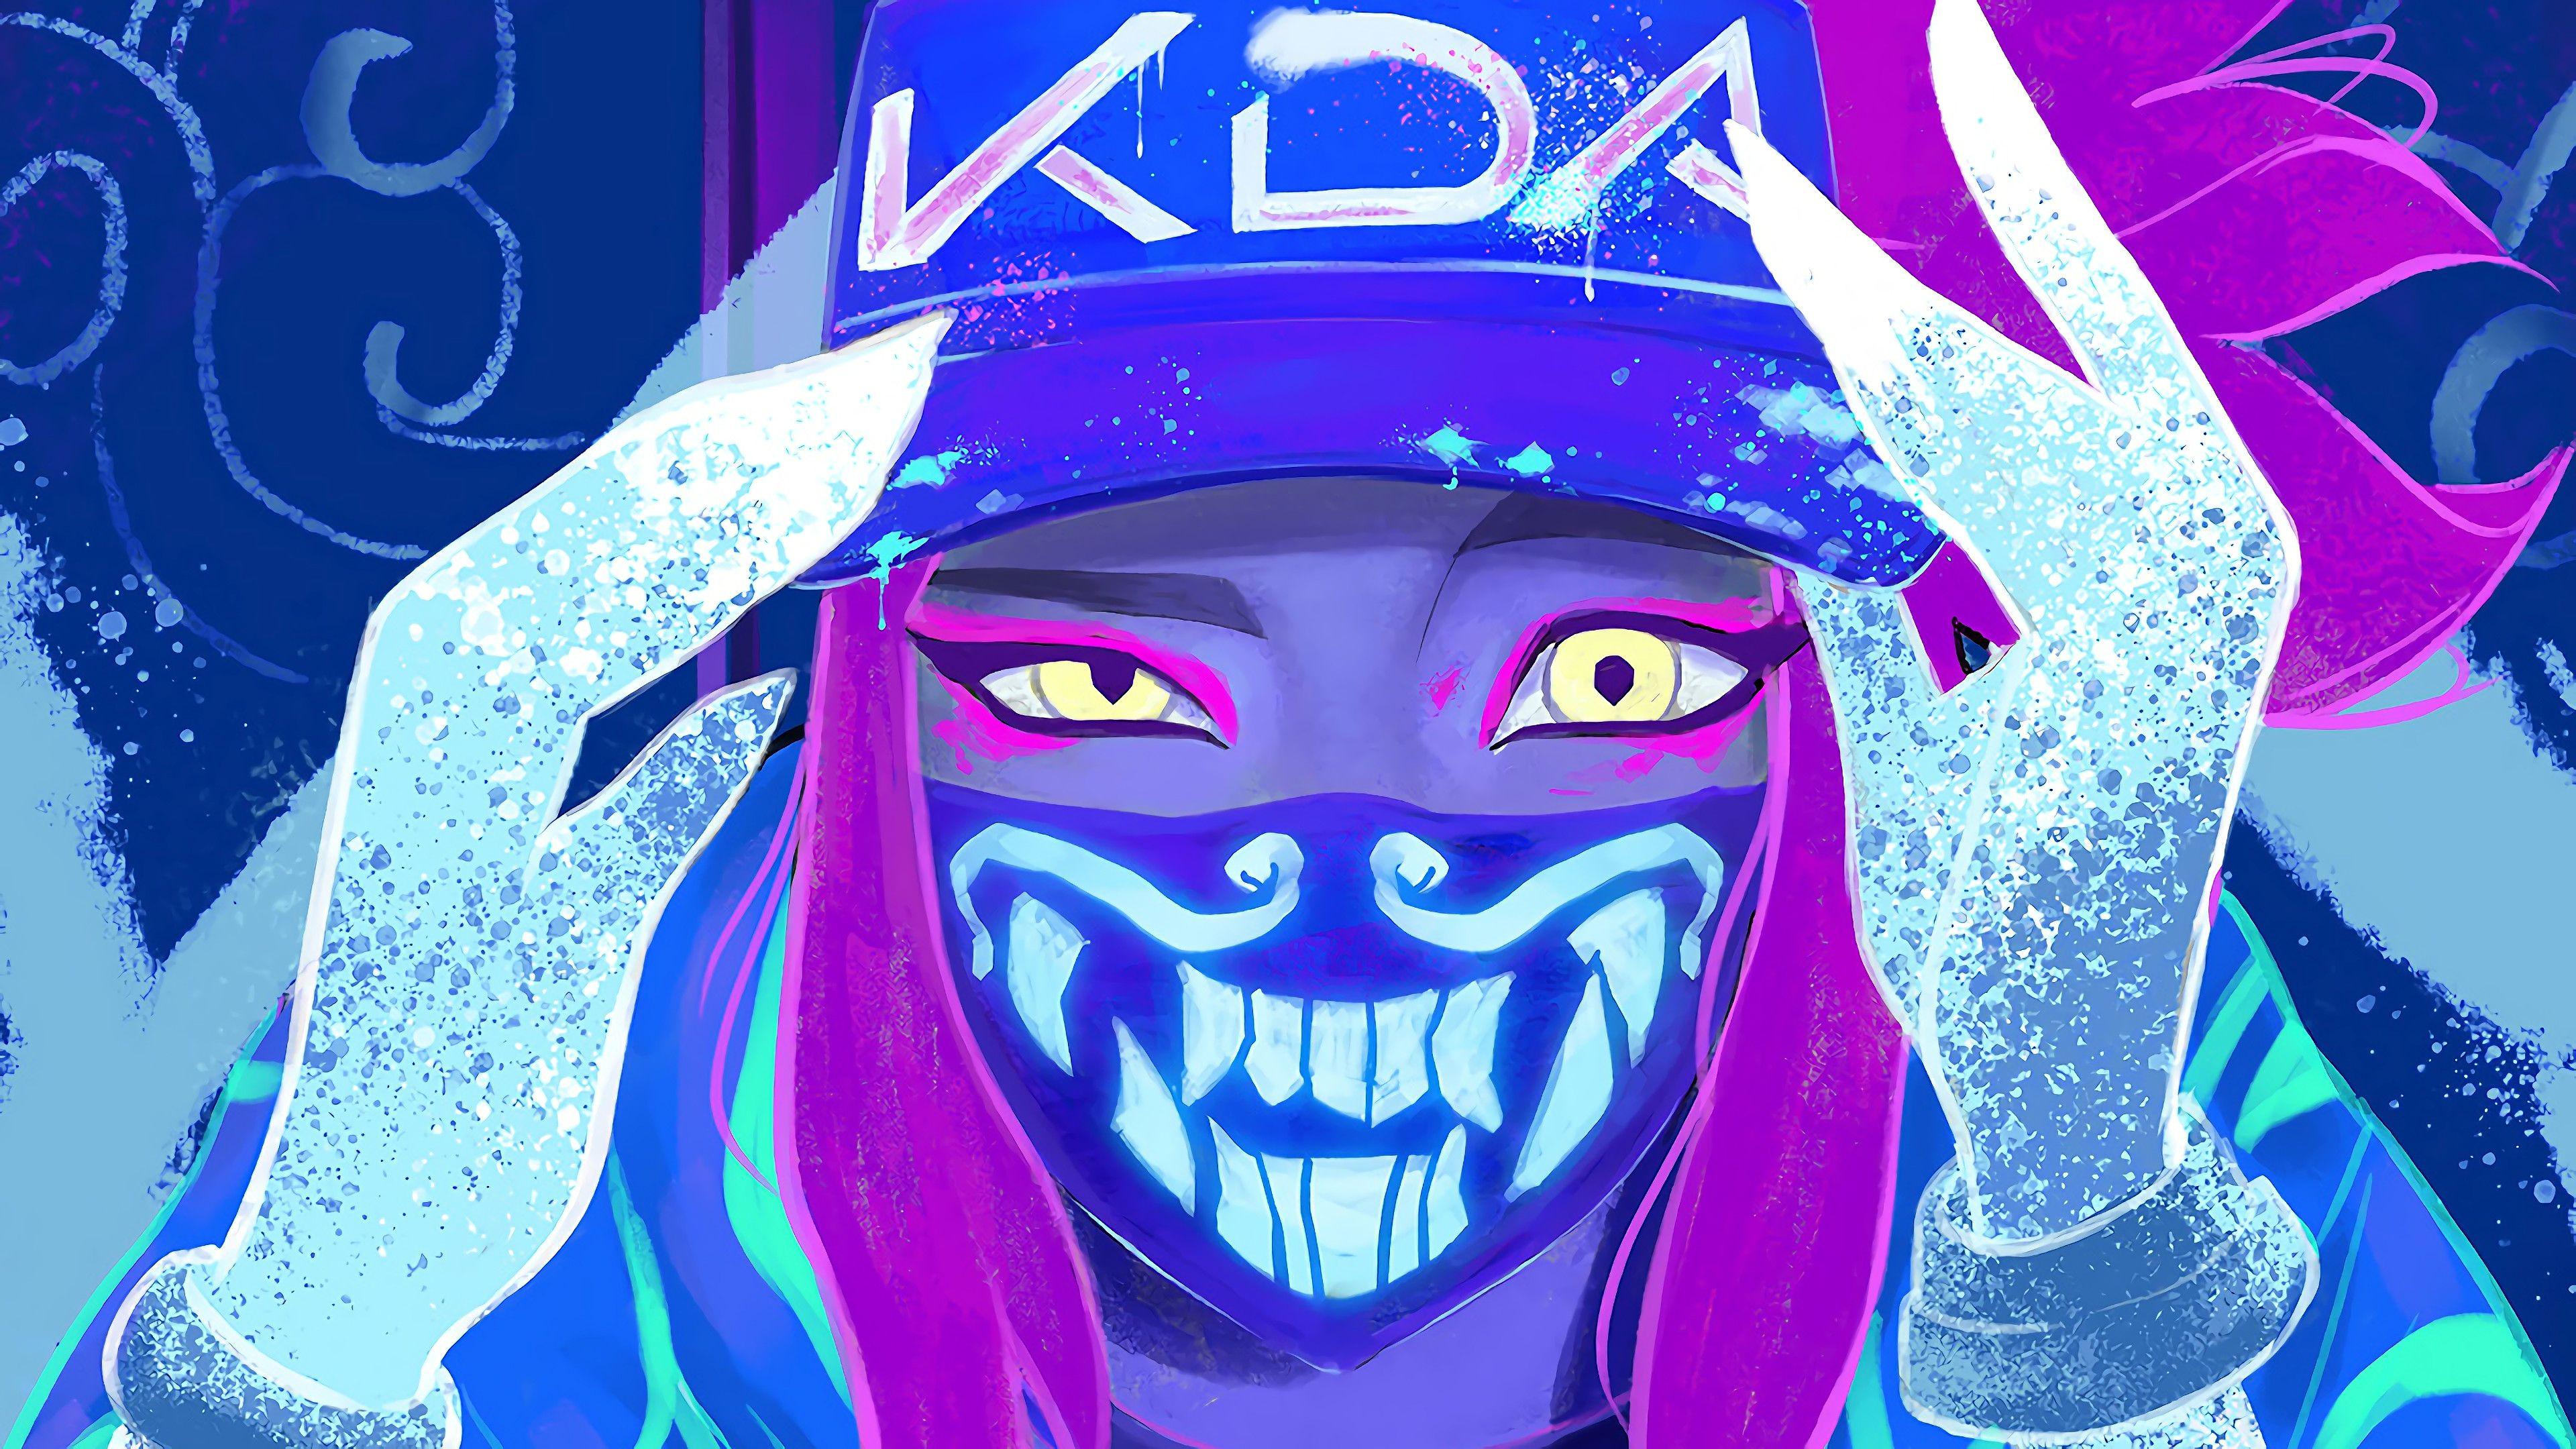 K Da Akali Mask Neon Lol League Of Legends Lol League Of Legends K Da Akali K Da League Of Legends Akali In 2020 Digital Painting Neon Wallpaper Digital Wallpaper